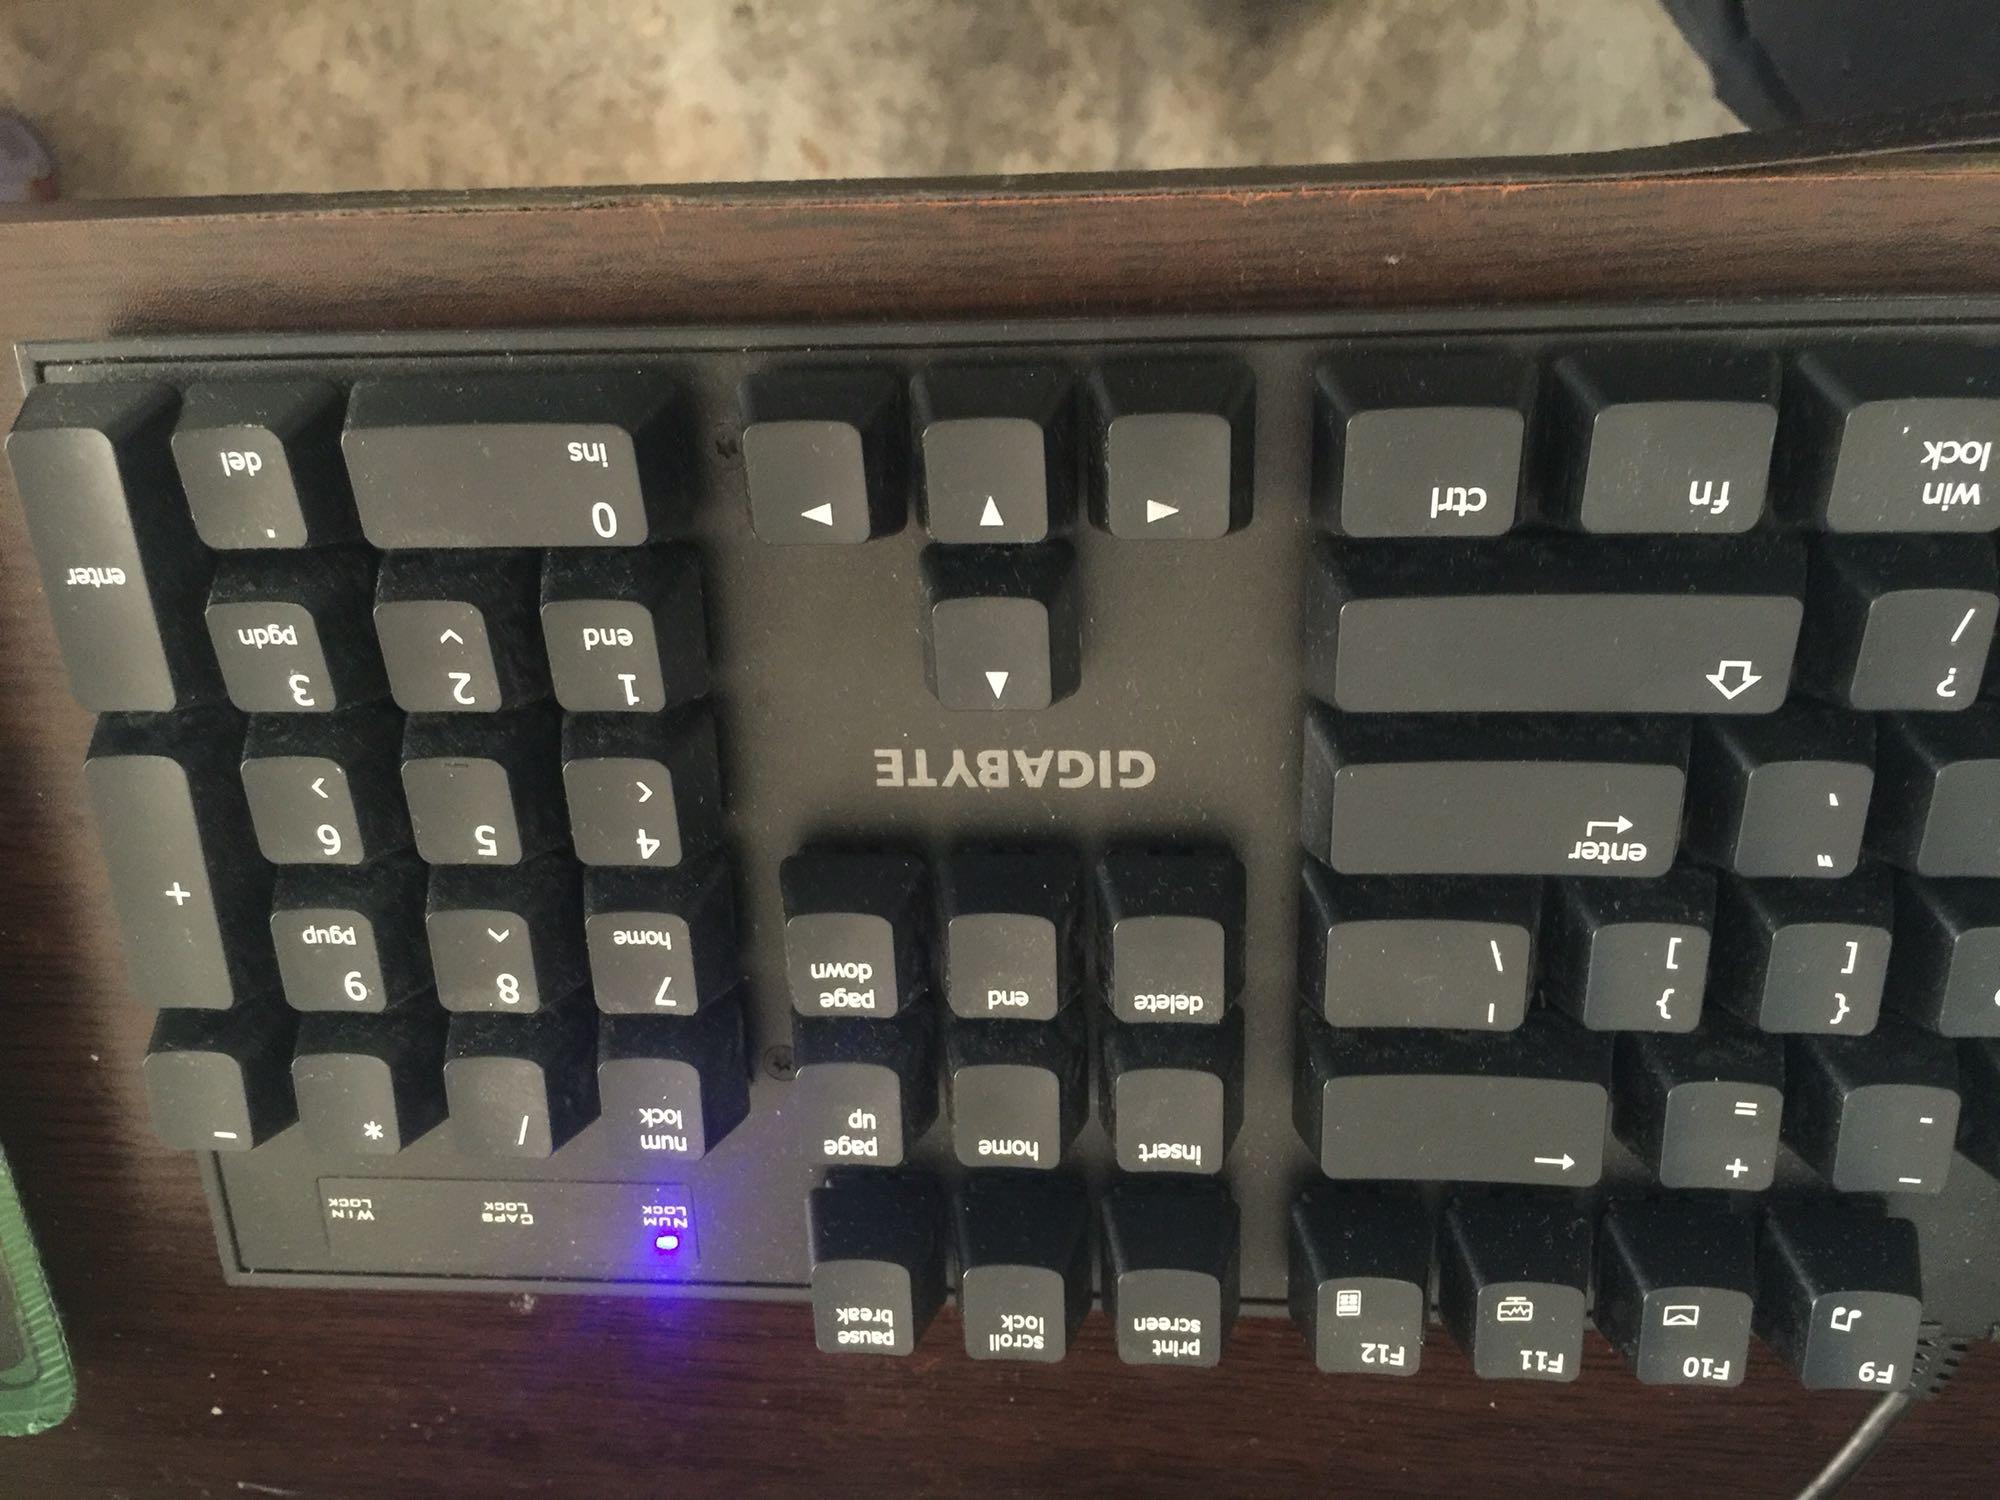 机械式游戏键盘_技嘉force k83机械式游戏键盘点评